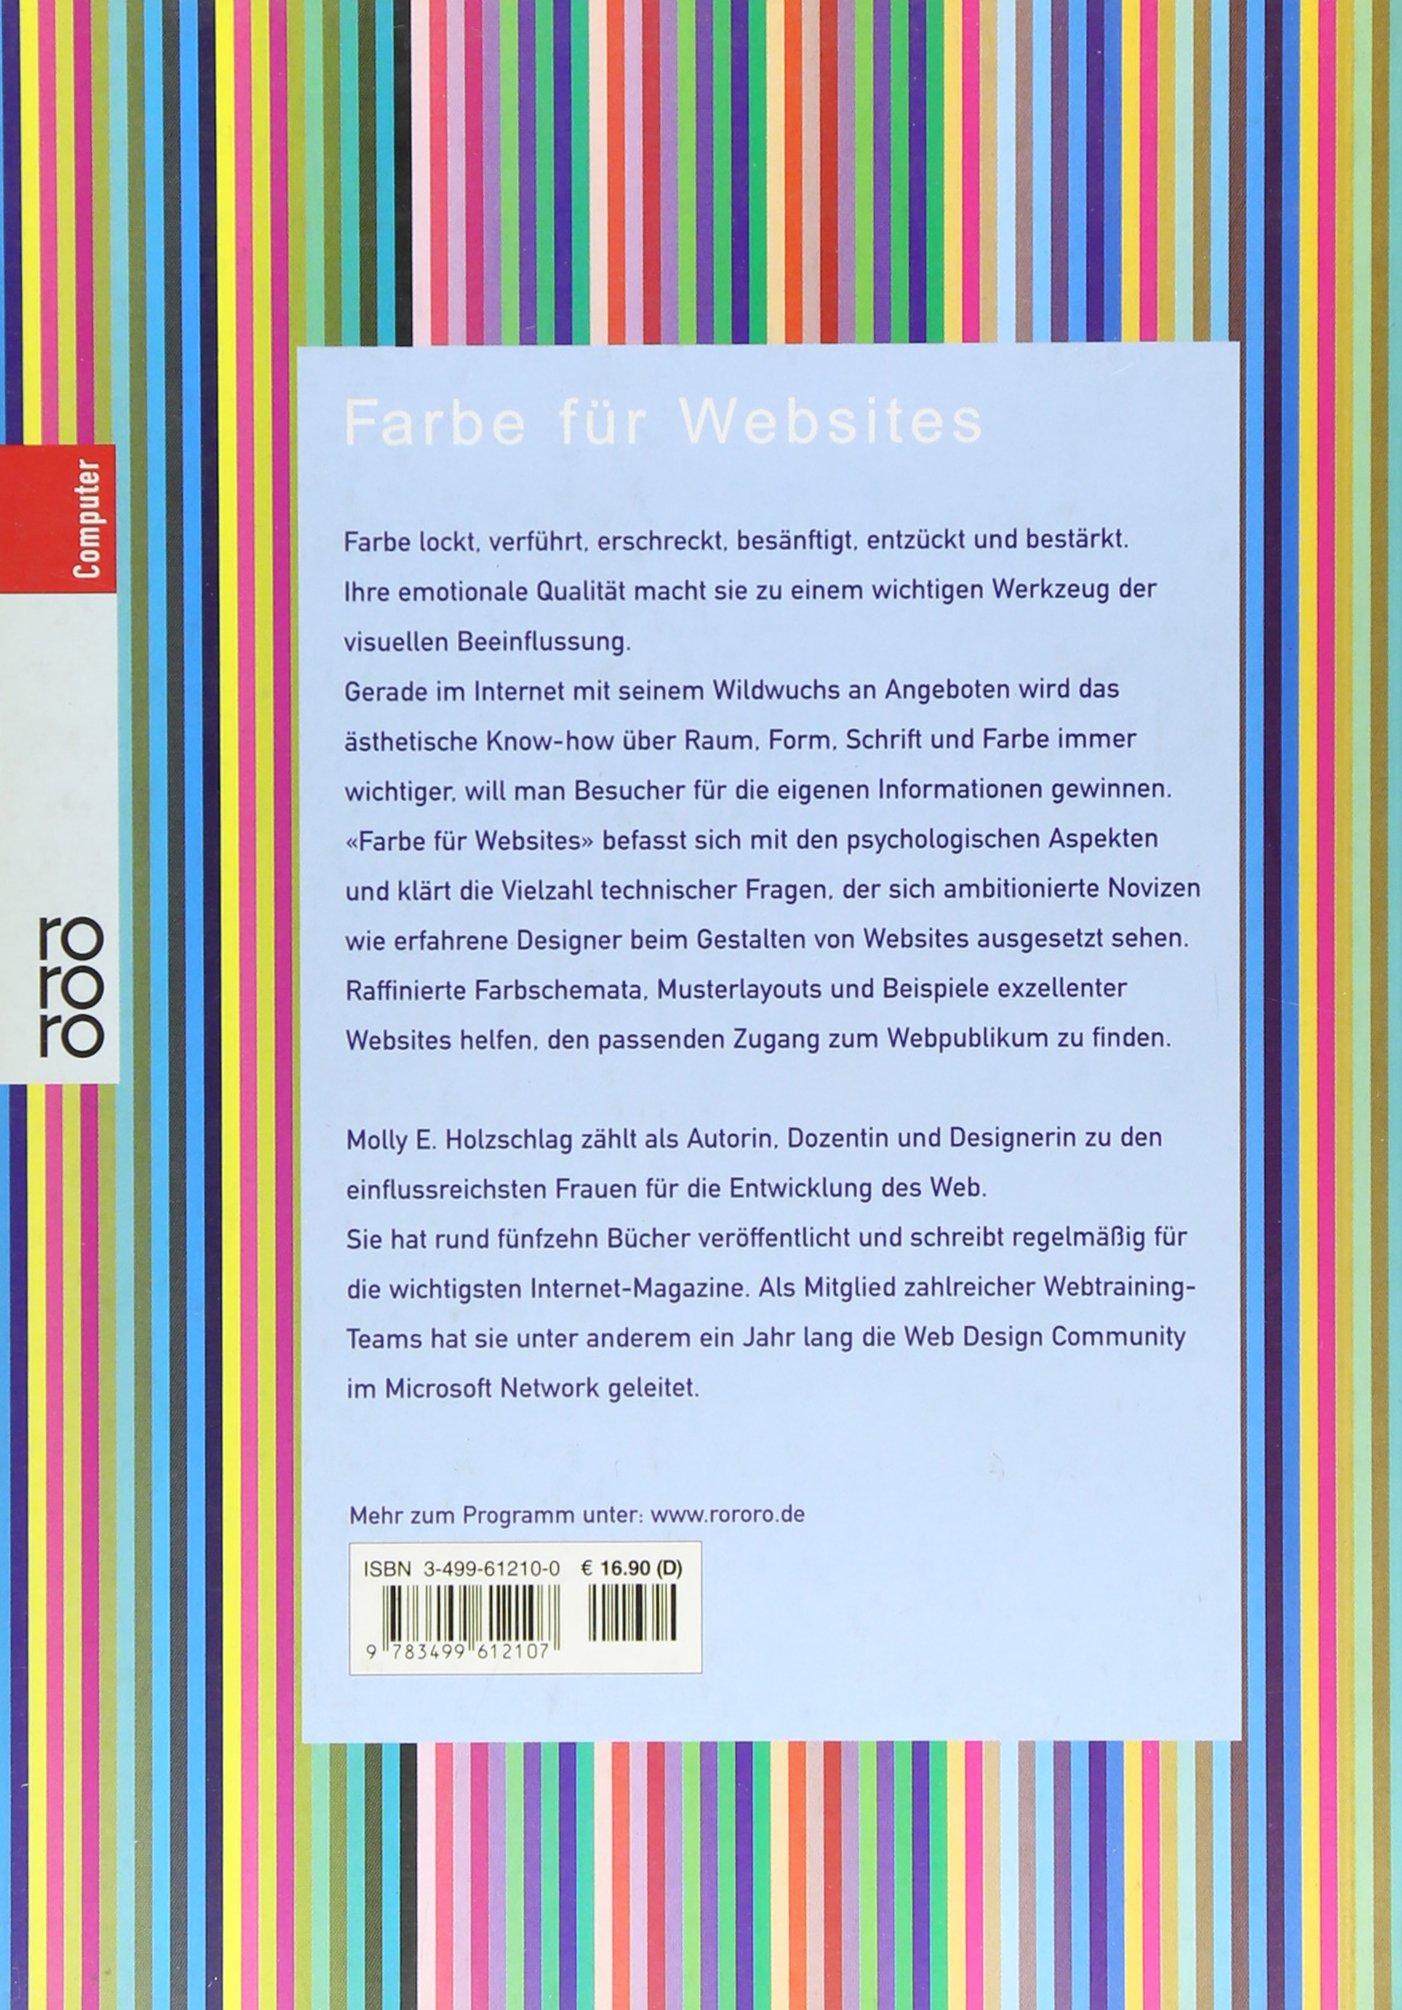 81903Y9aKFL Fabelhafte Psychologische Wirkung Von Farben Dekorationen